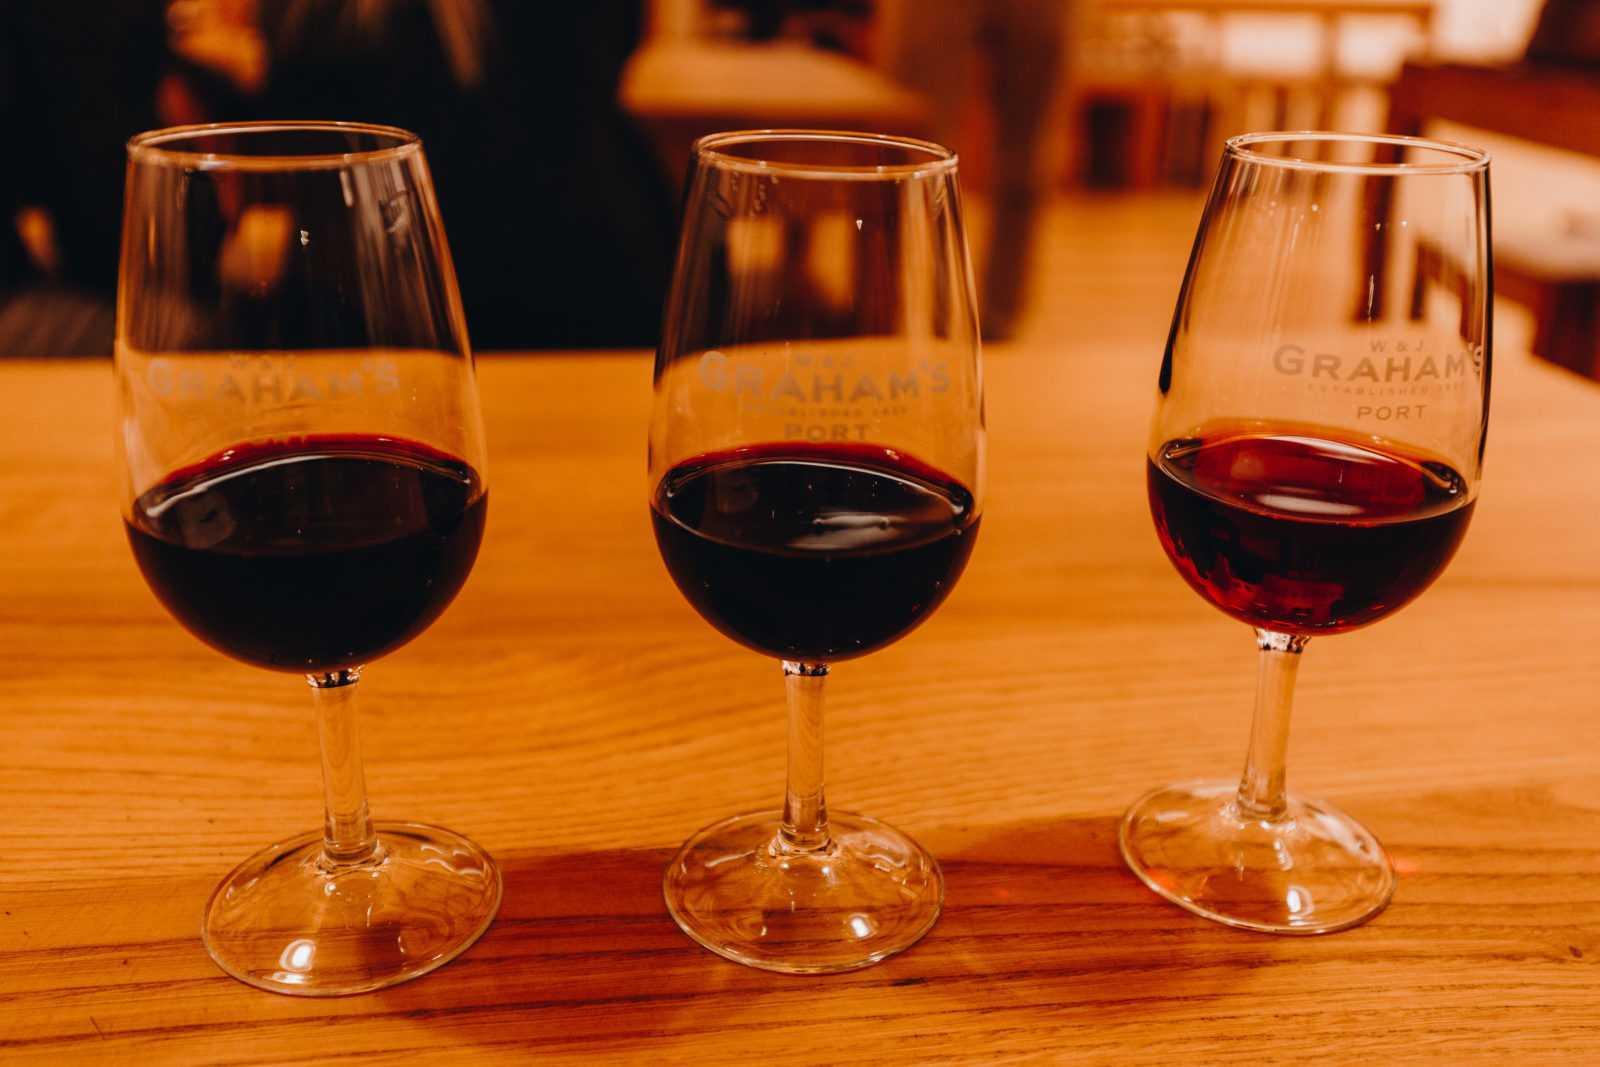 portwein porto drei Gläser Portwein Probe kostenlos